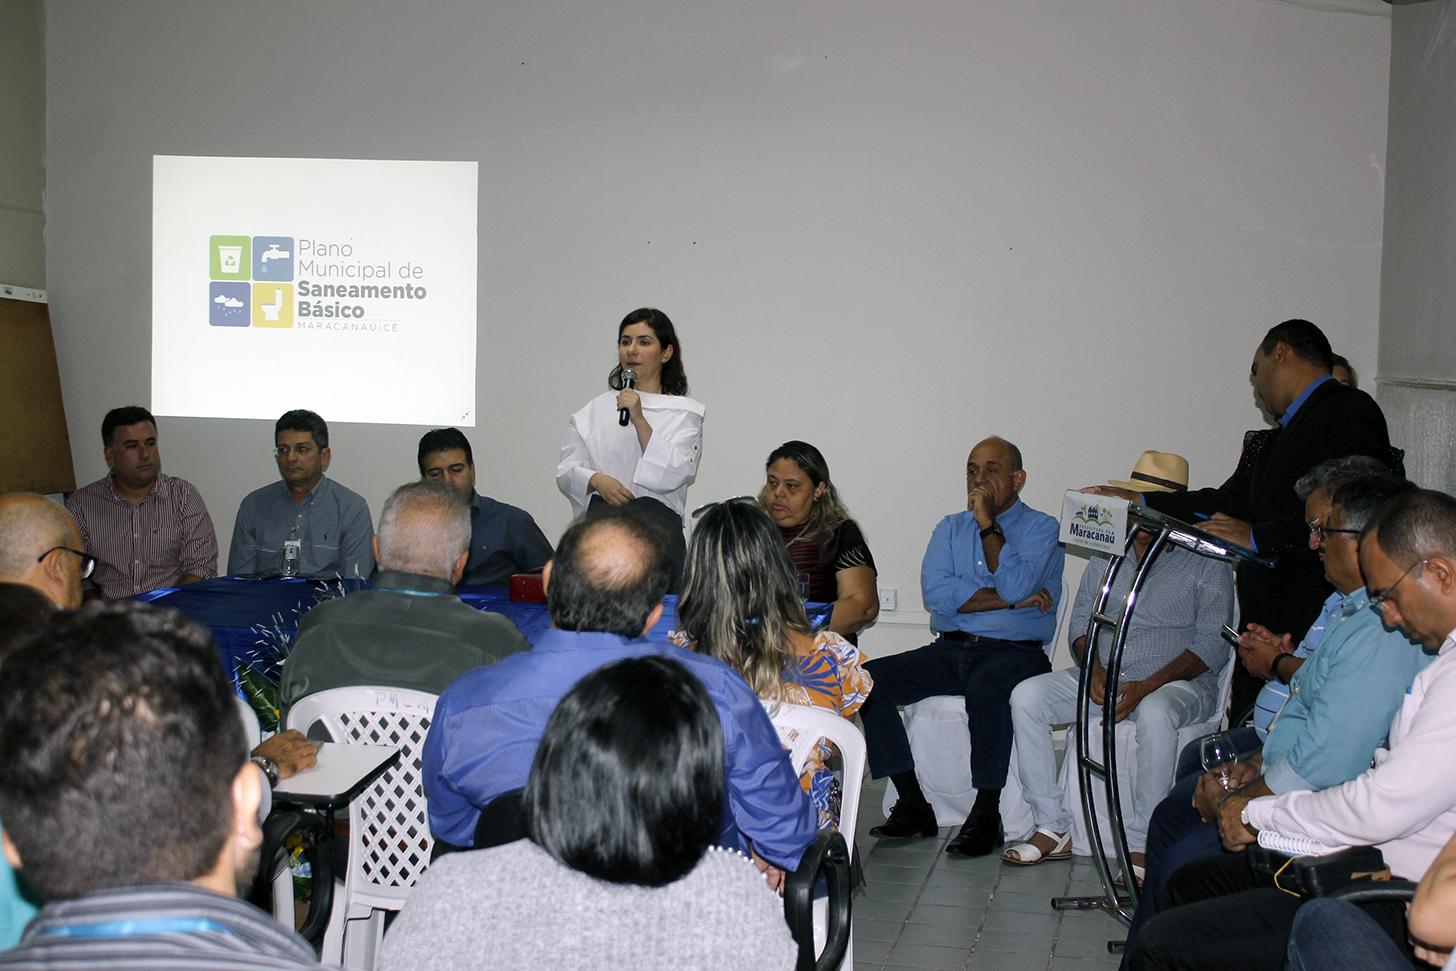 You are currently viewing Prefeitura e Cagece realizam audiência pública para apresentar o Plano Municipal de Saneamento Básico